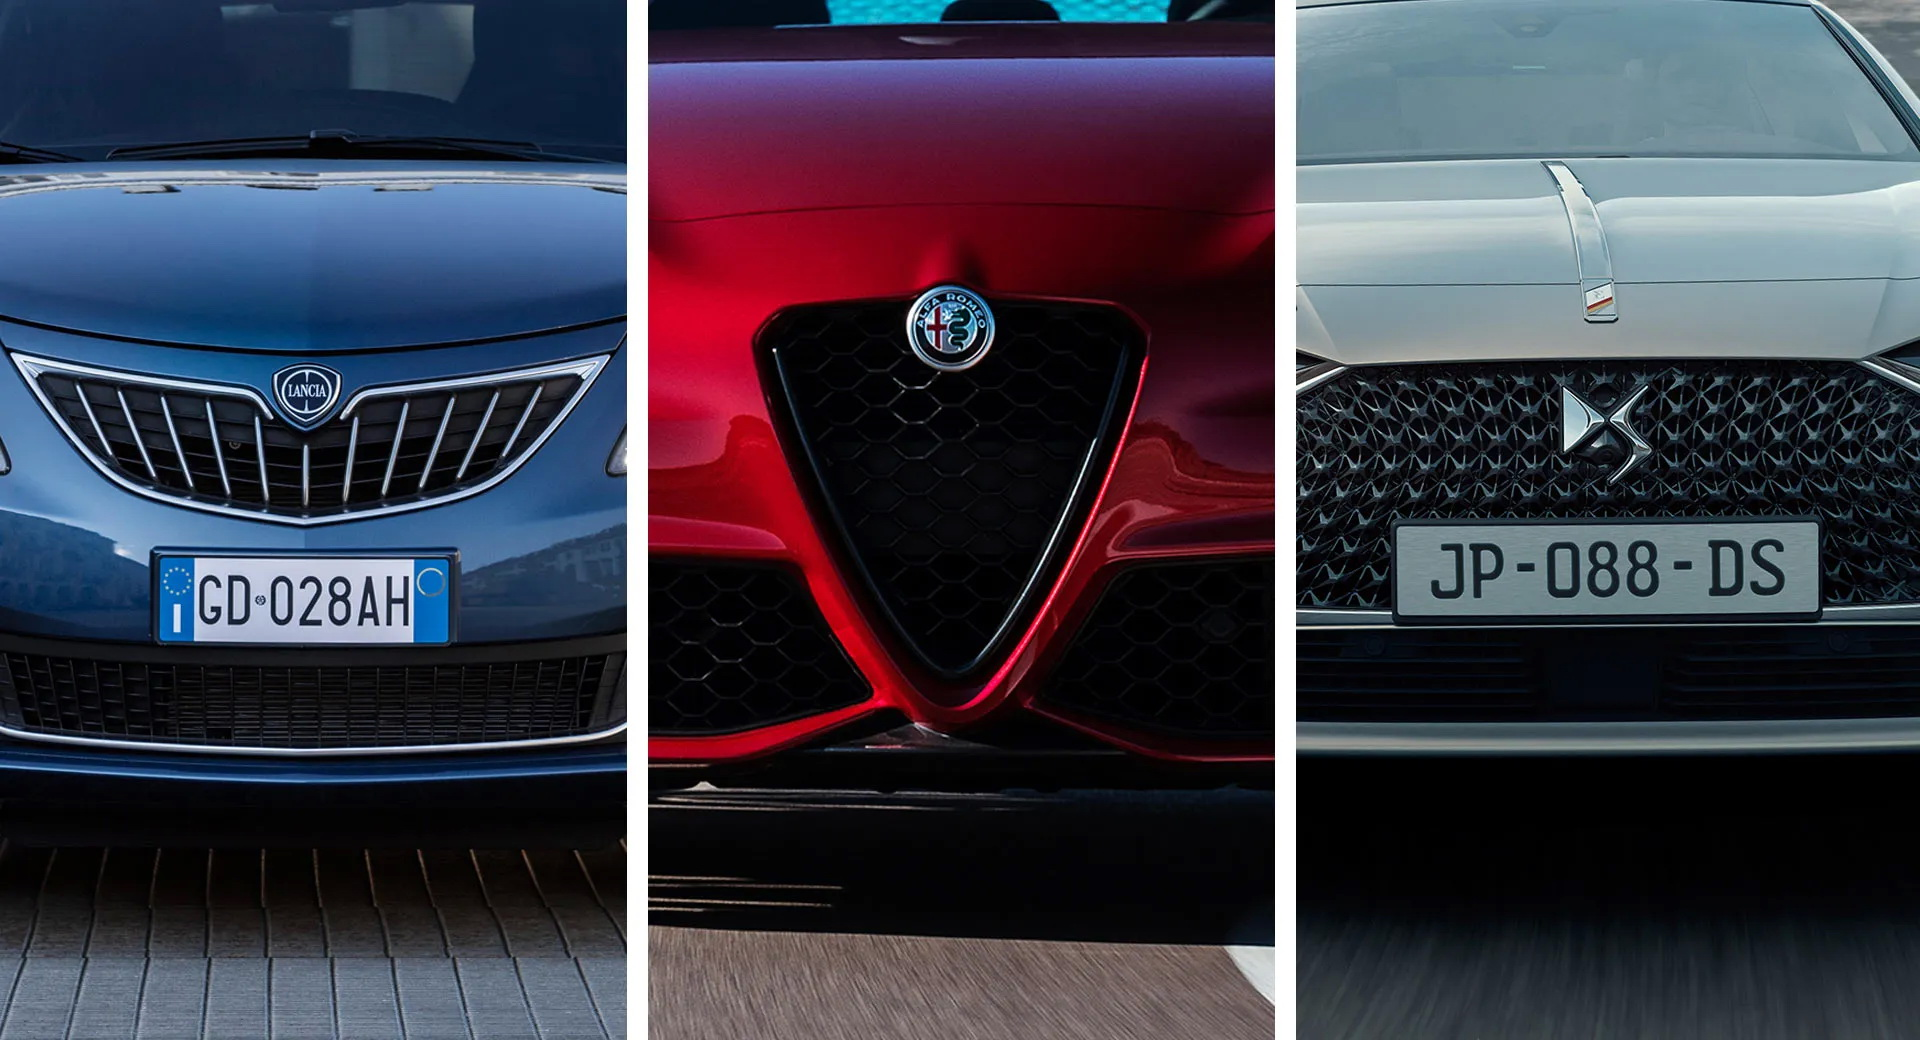 Ο όμιλος Stellantis βλέπει μέλλον στις Alfa Romeo και Lancia